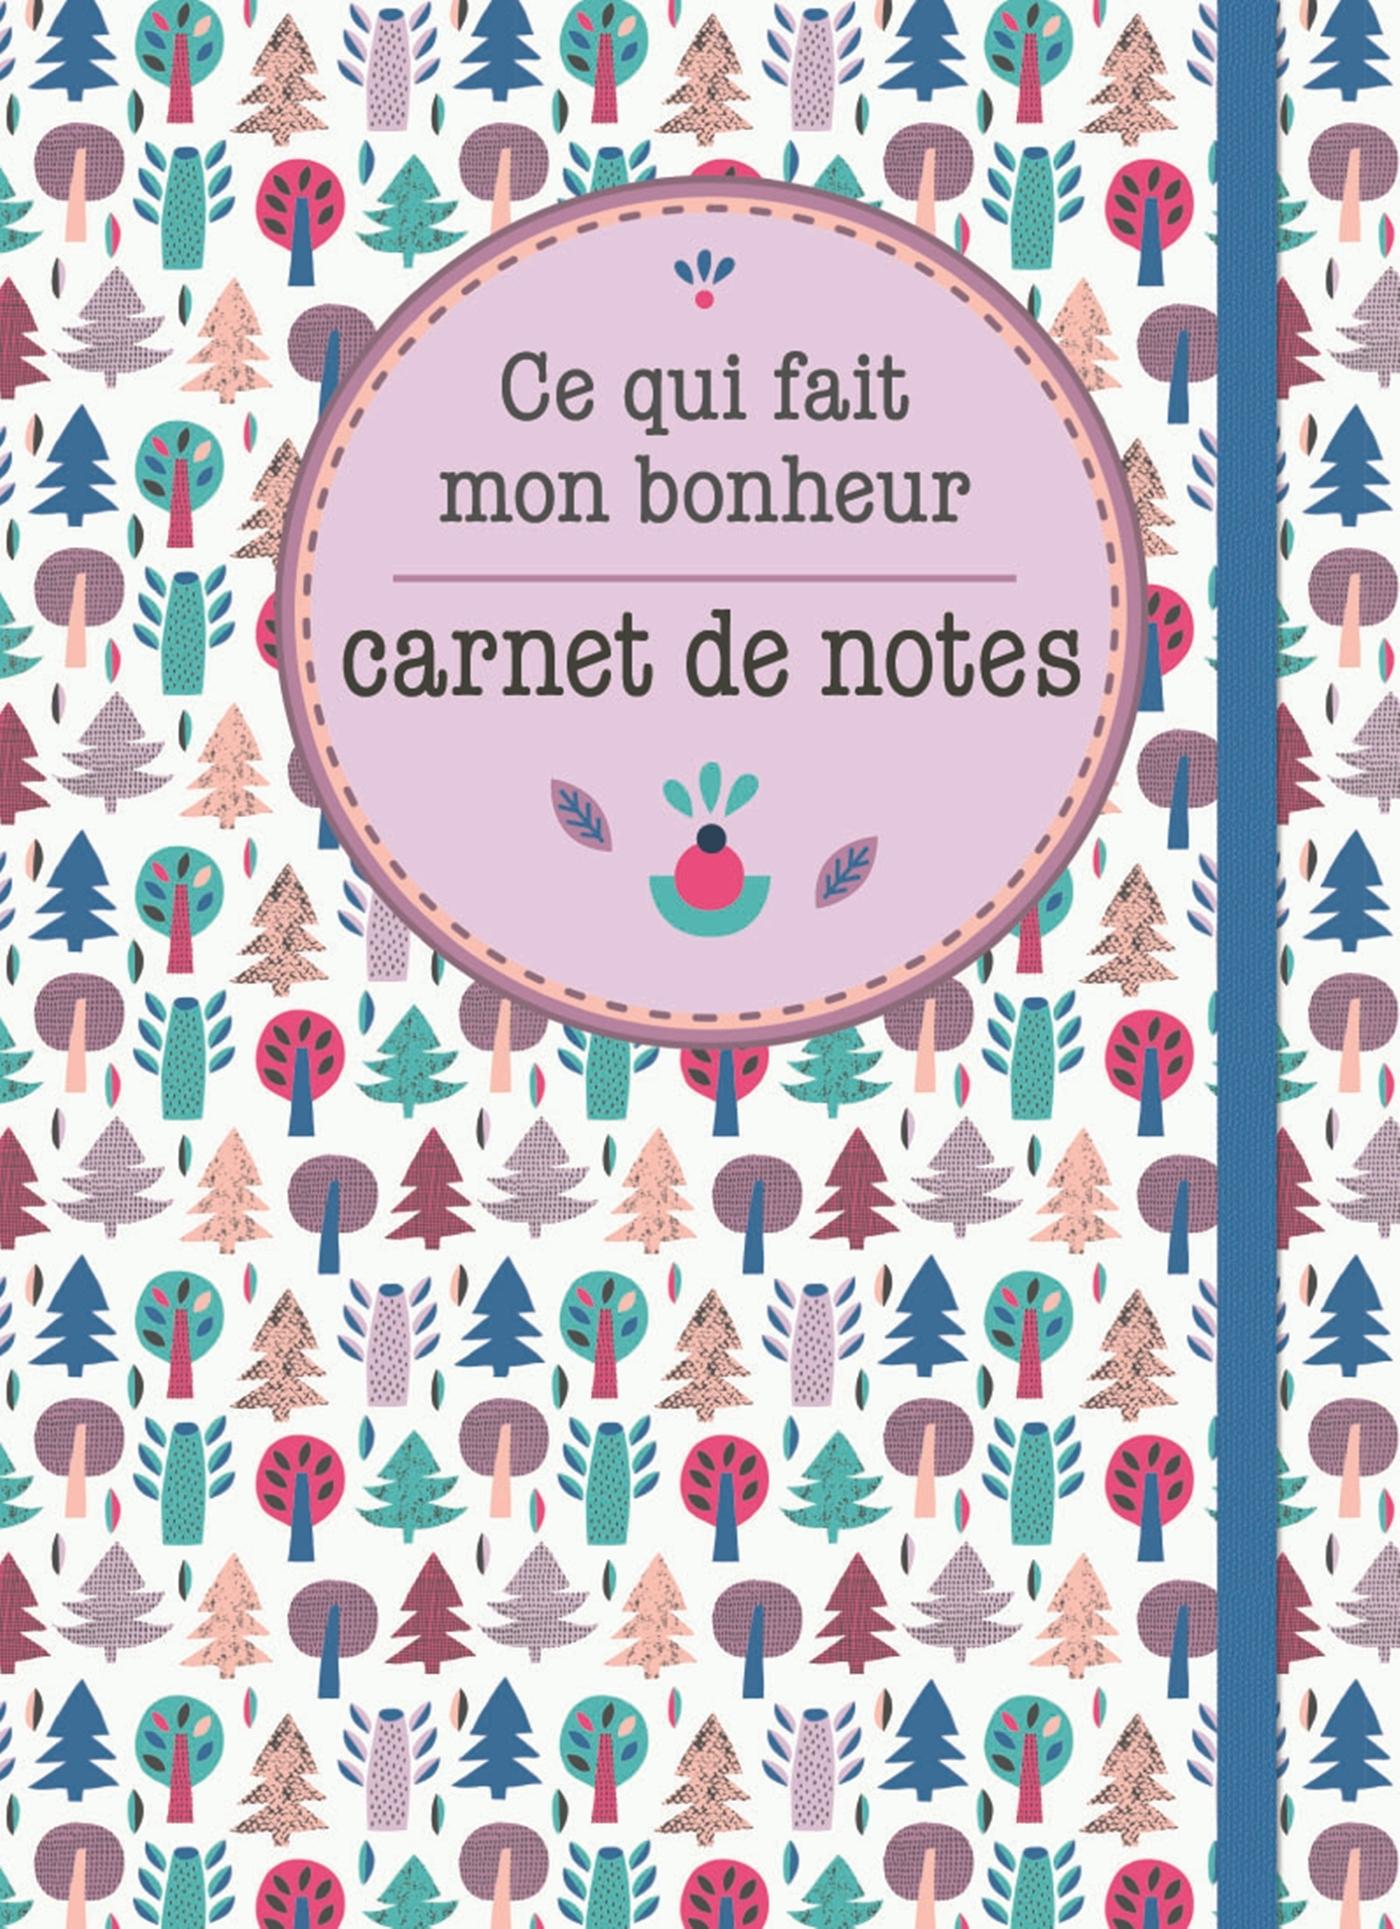 CARNET DE NOTES - CE QUI FAIT MON BONHEUR